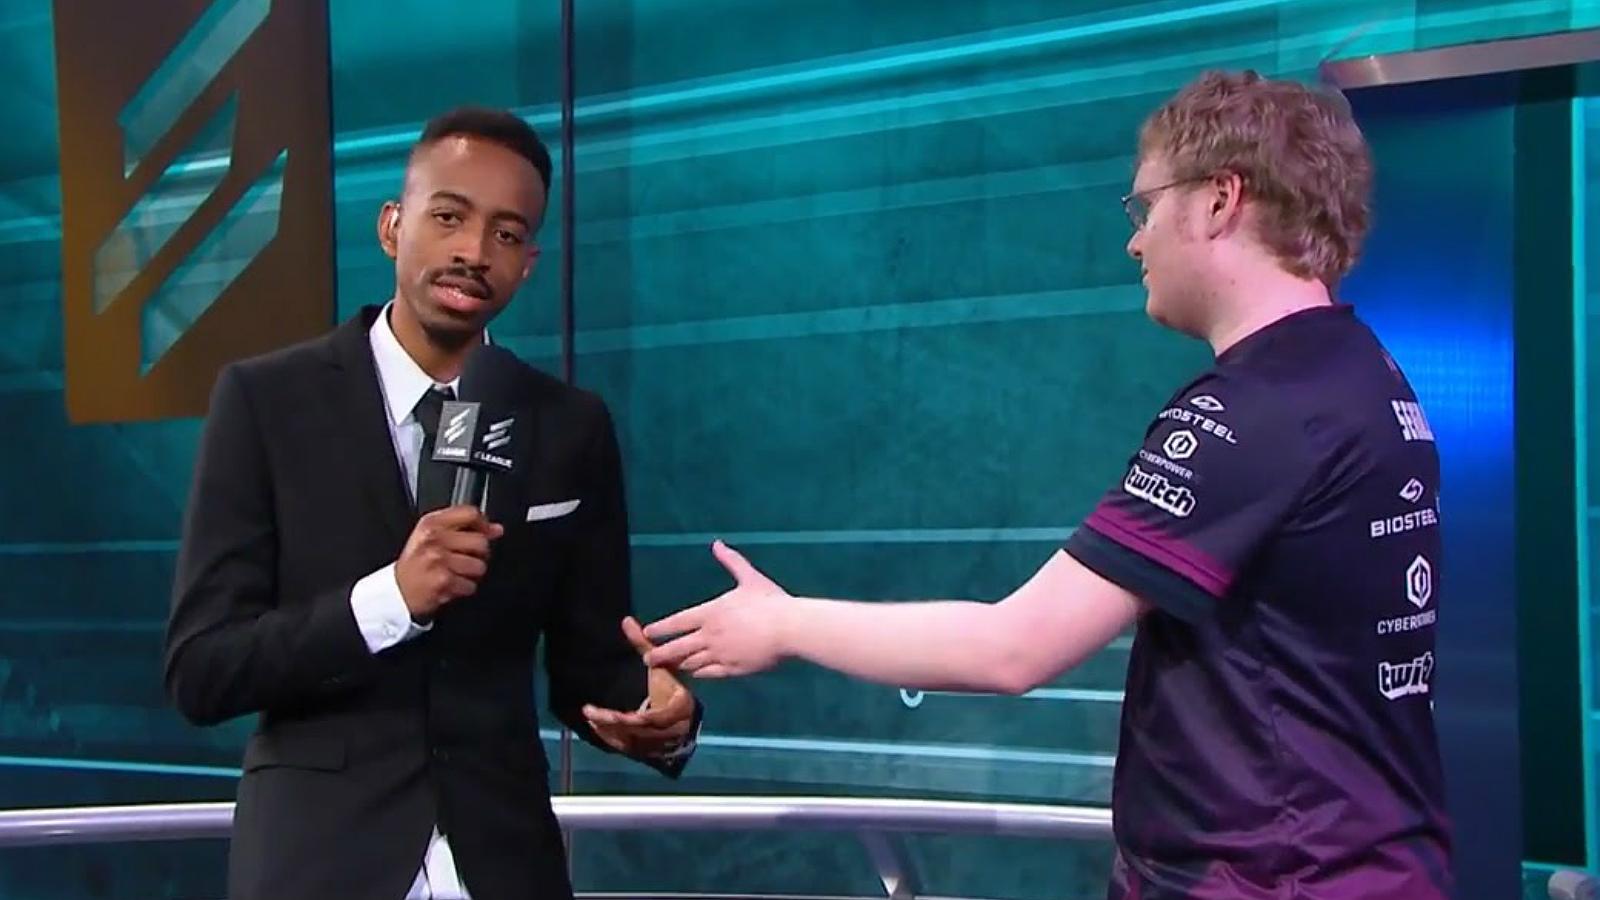 Malik Forte hosting ELEAGUE tournament